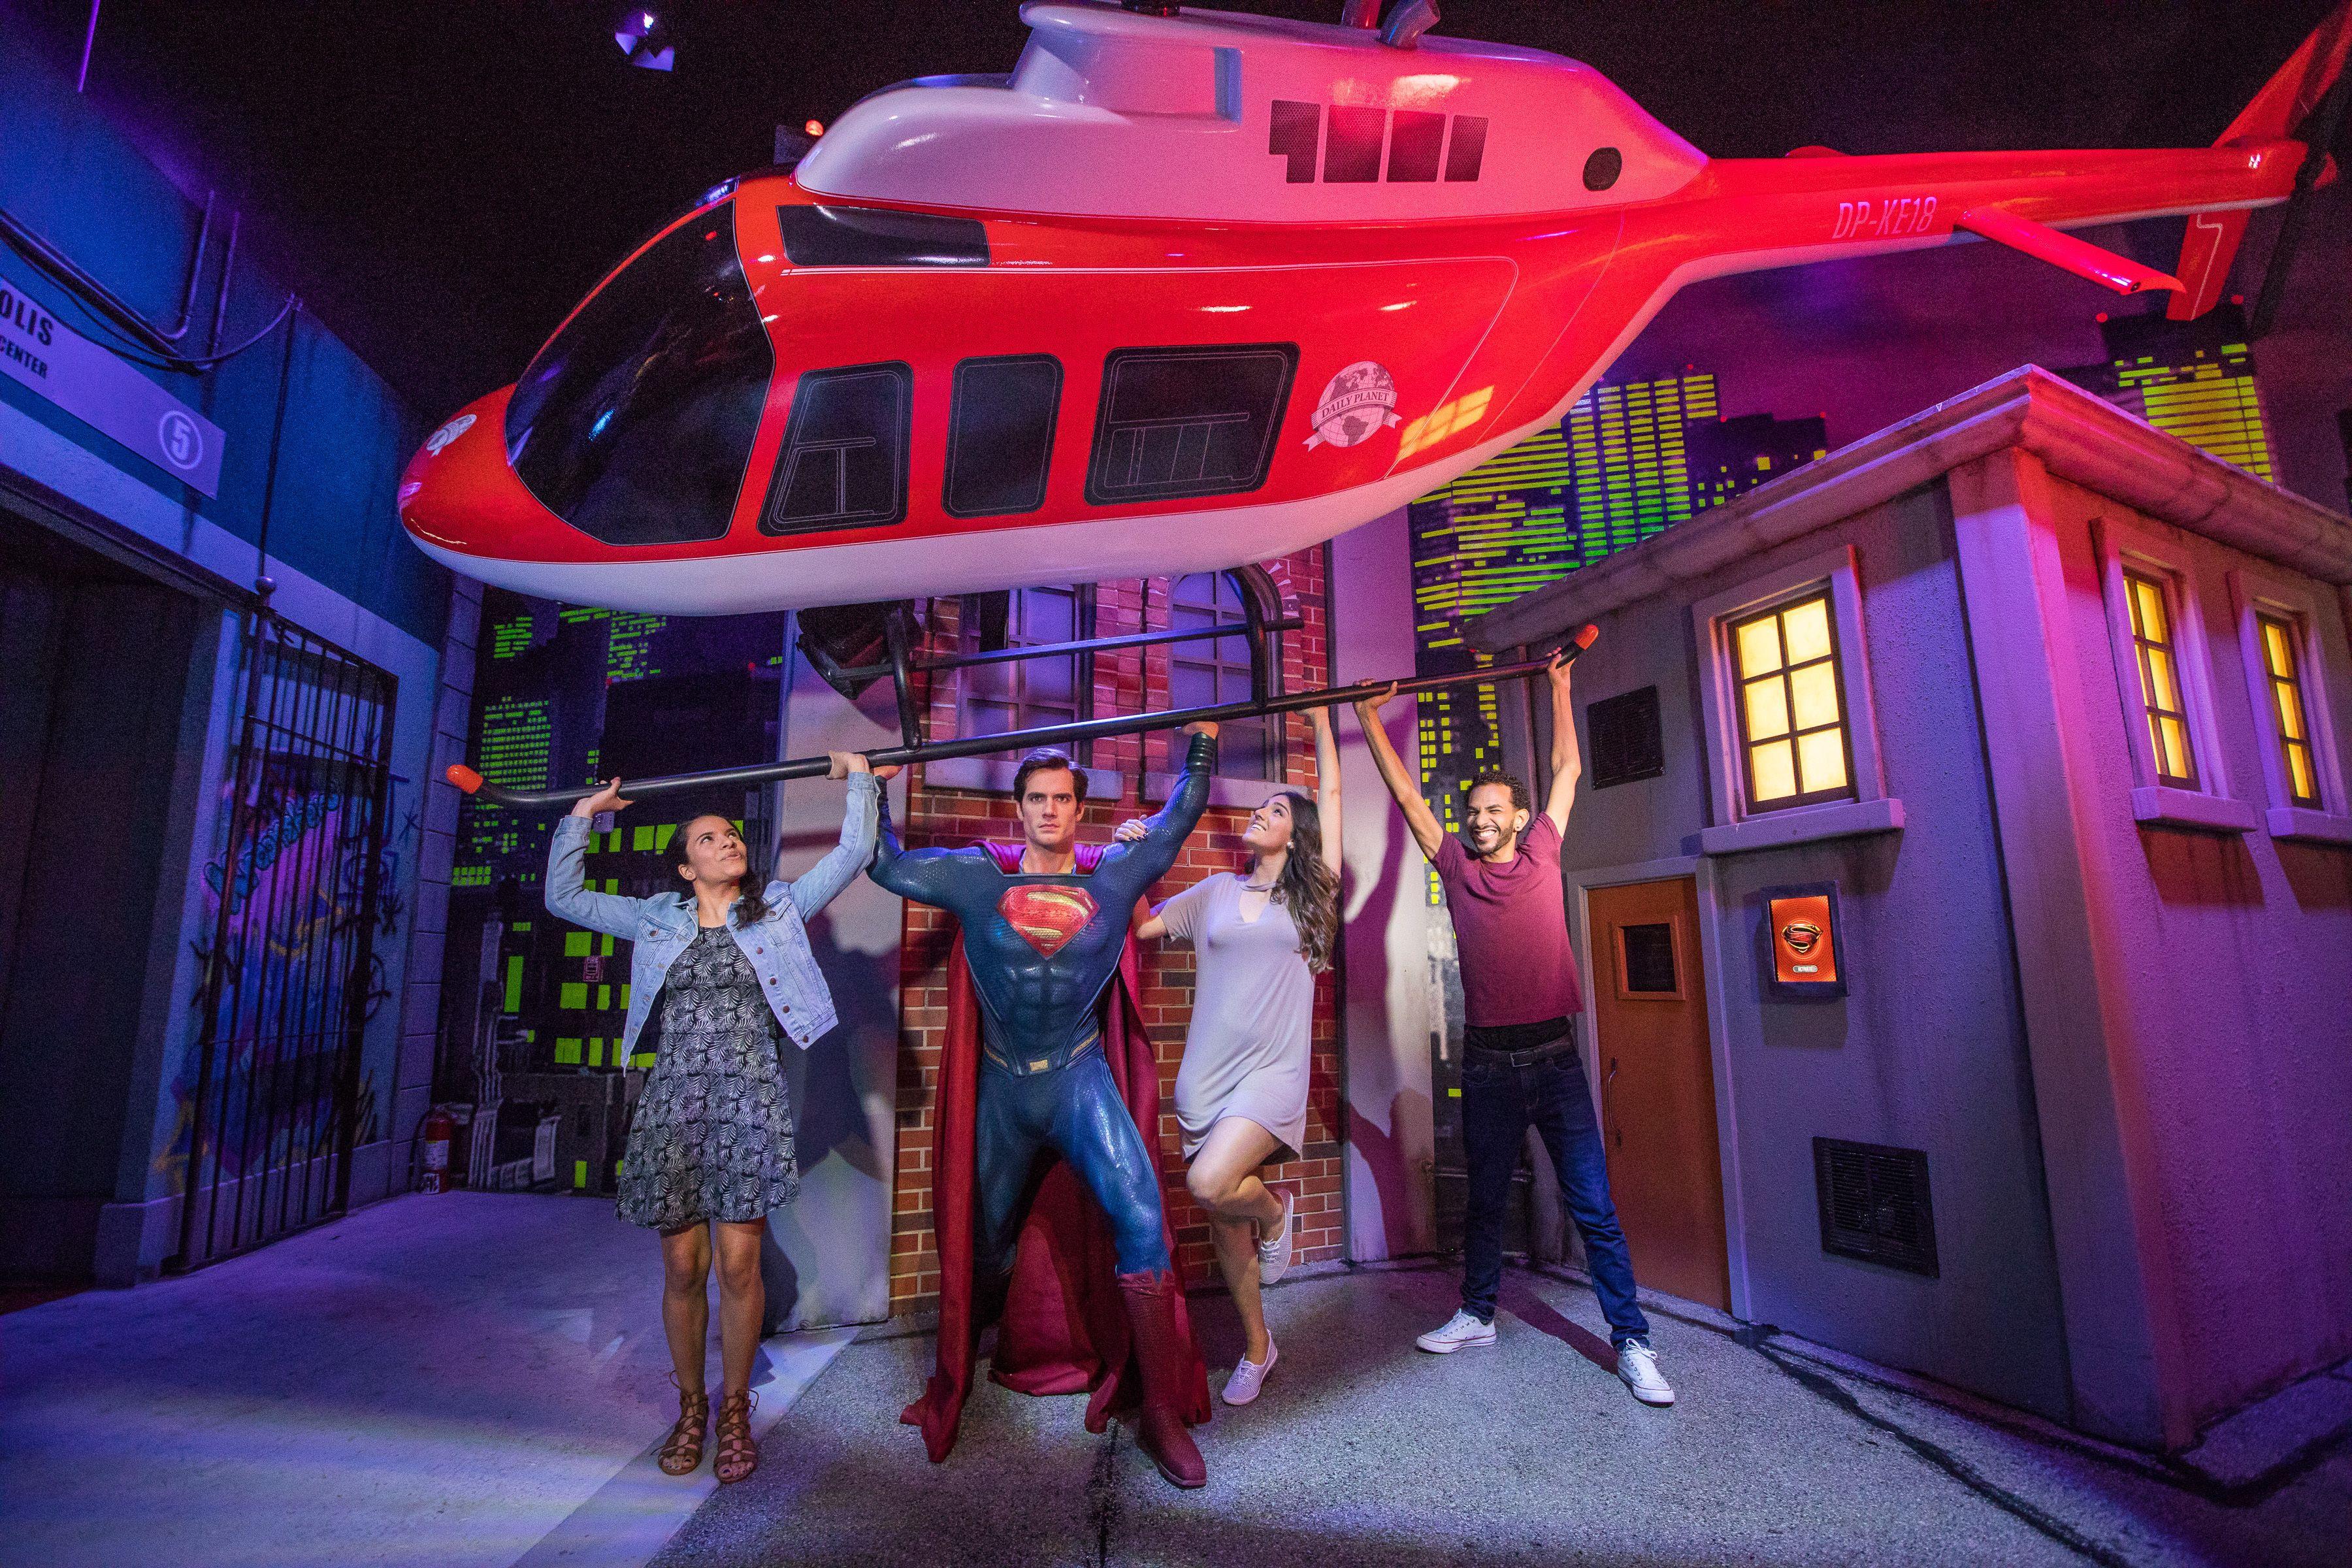 Madame Tussauds Orlando: Celebrity Wax Attraction